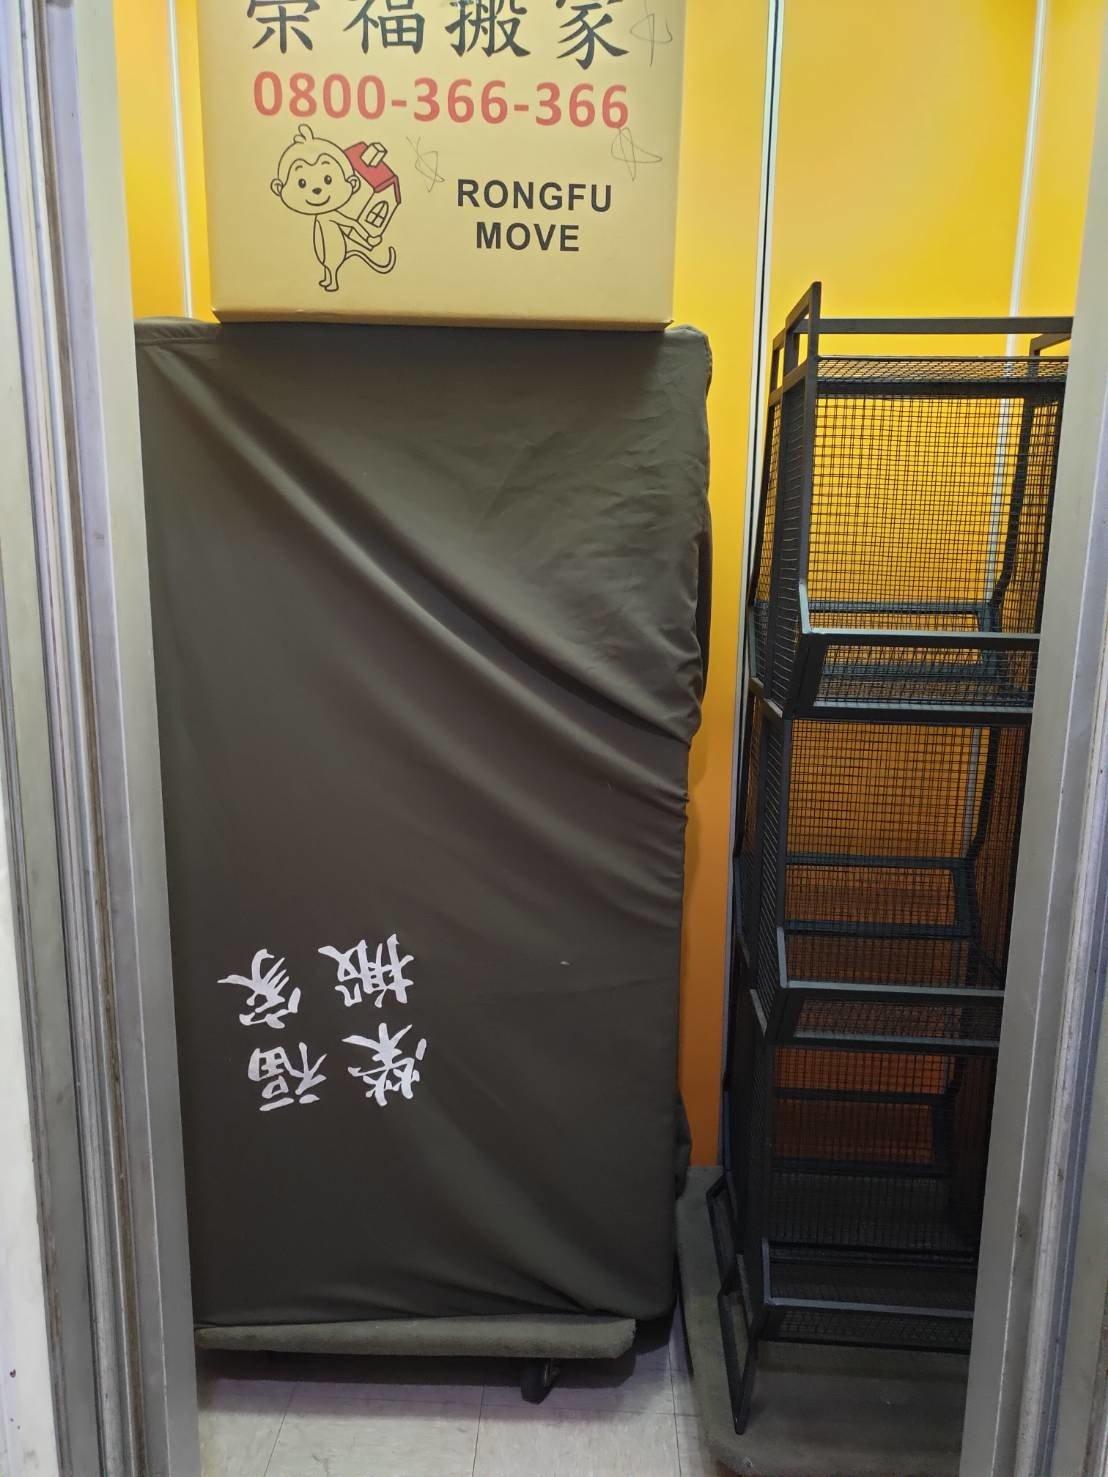 搬家公司推薦【榮福搬家公司】精搬魚缸、跨縣搬家、搬床墊、搬冰箱、搬家具、搬家首選、吊掛搬運、吊家具搬運、台北搬家公司推薦:大台北搬家,精緻包裝搬運「細膩包裝、專業搬運、用心服務、以客為尊」是榮福搬家公司的宗旨與精神。歡迎立即來電02-2651-2727專人服務。